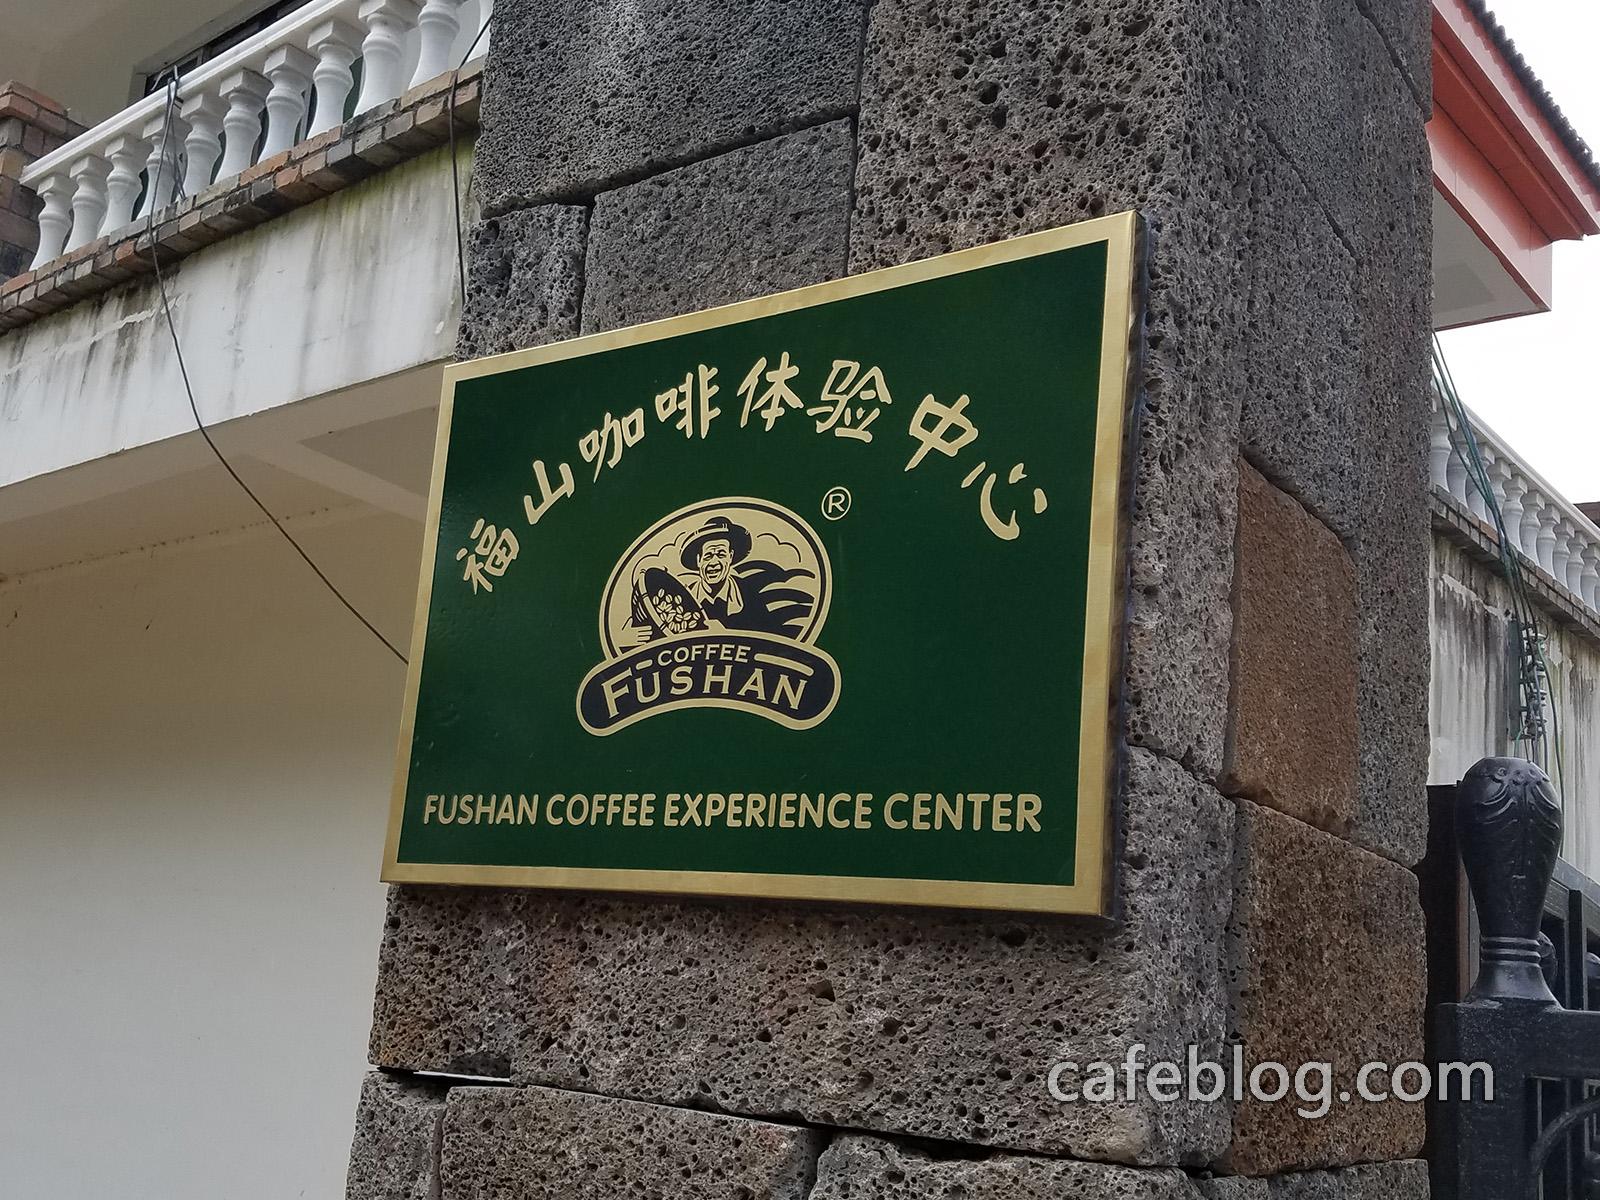 福山咖啡体验中心门牌